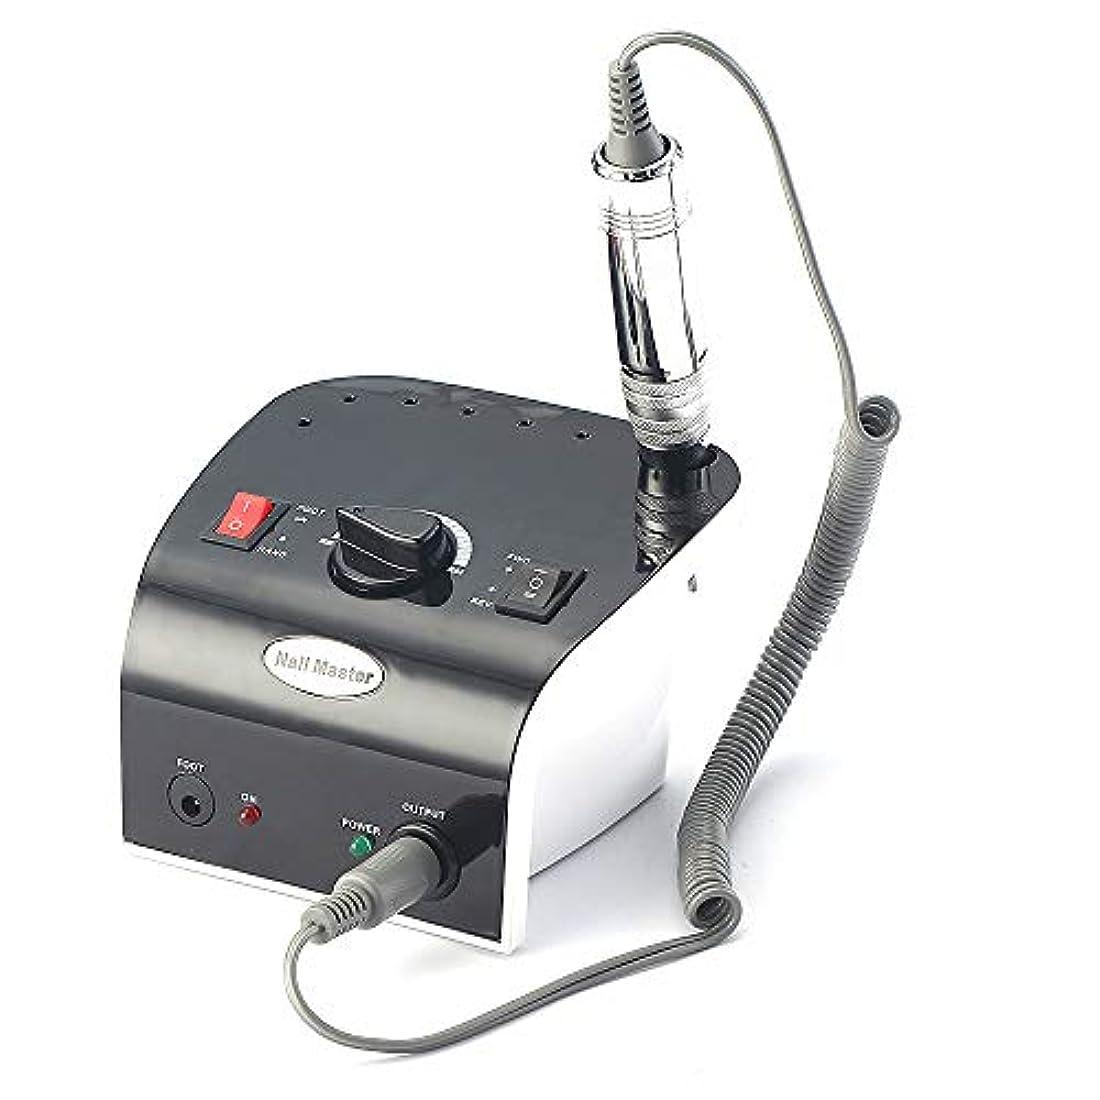 トロピカル何よりもアトム35000 rpmプロフェッショナル電気ネイルドリルファイルマニキュア機キット赤黒色ネイルアートツール用ネイルジェルネイルドリル